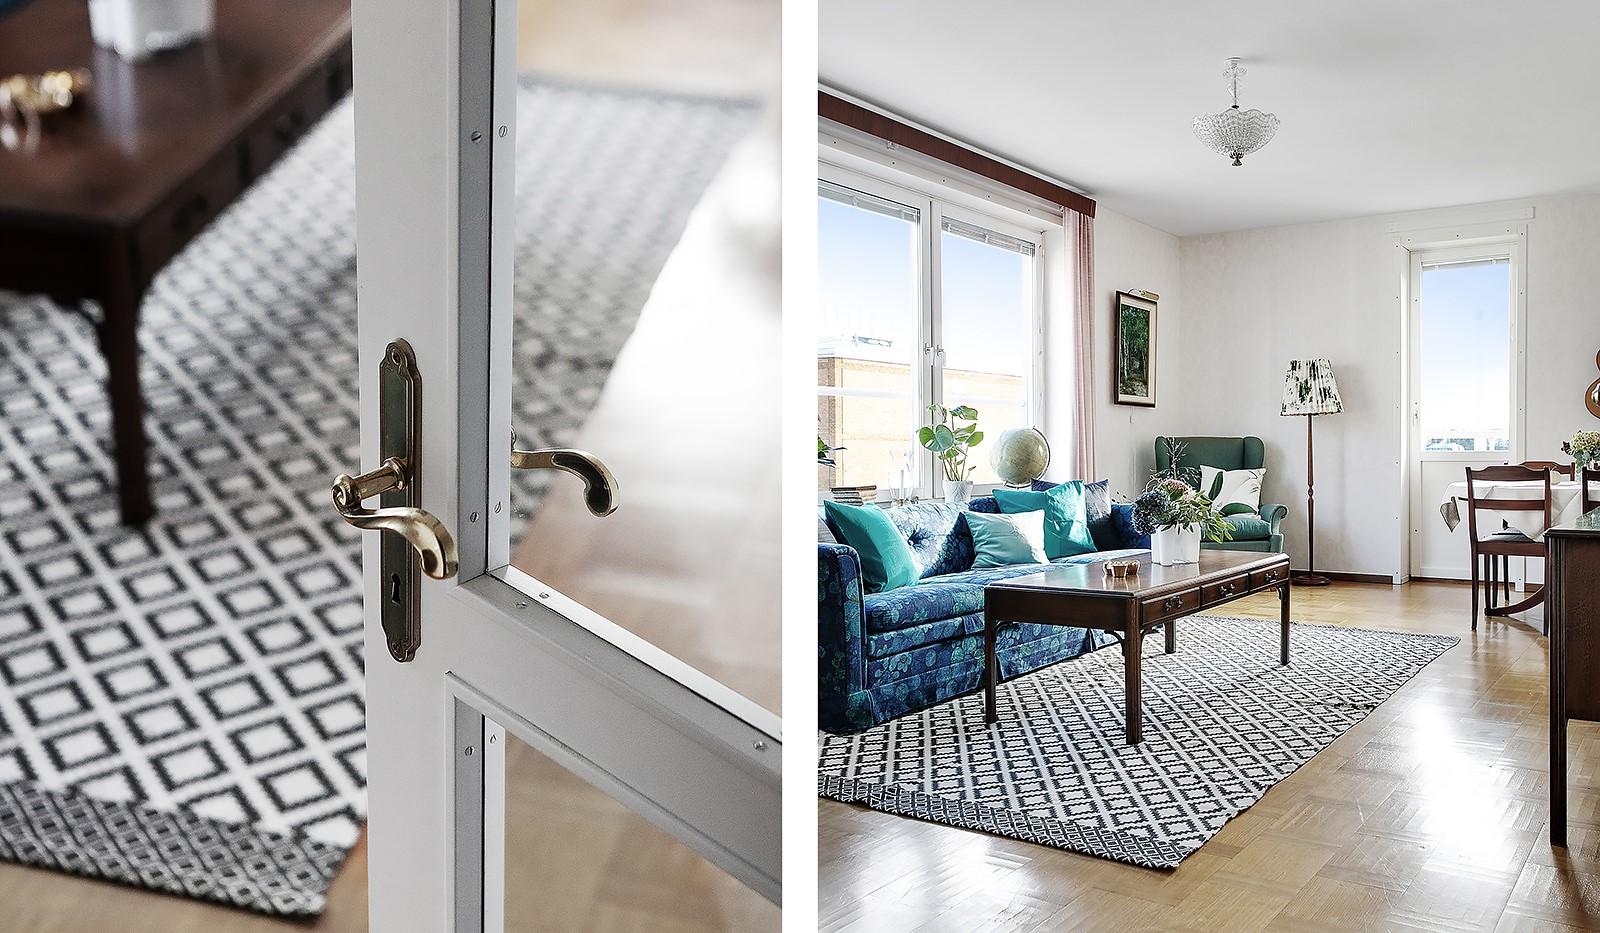 Bohusgatan 35, 5 tr - Till vardagsrummet är det en vacker glasad dörr med vackra beslag